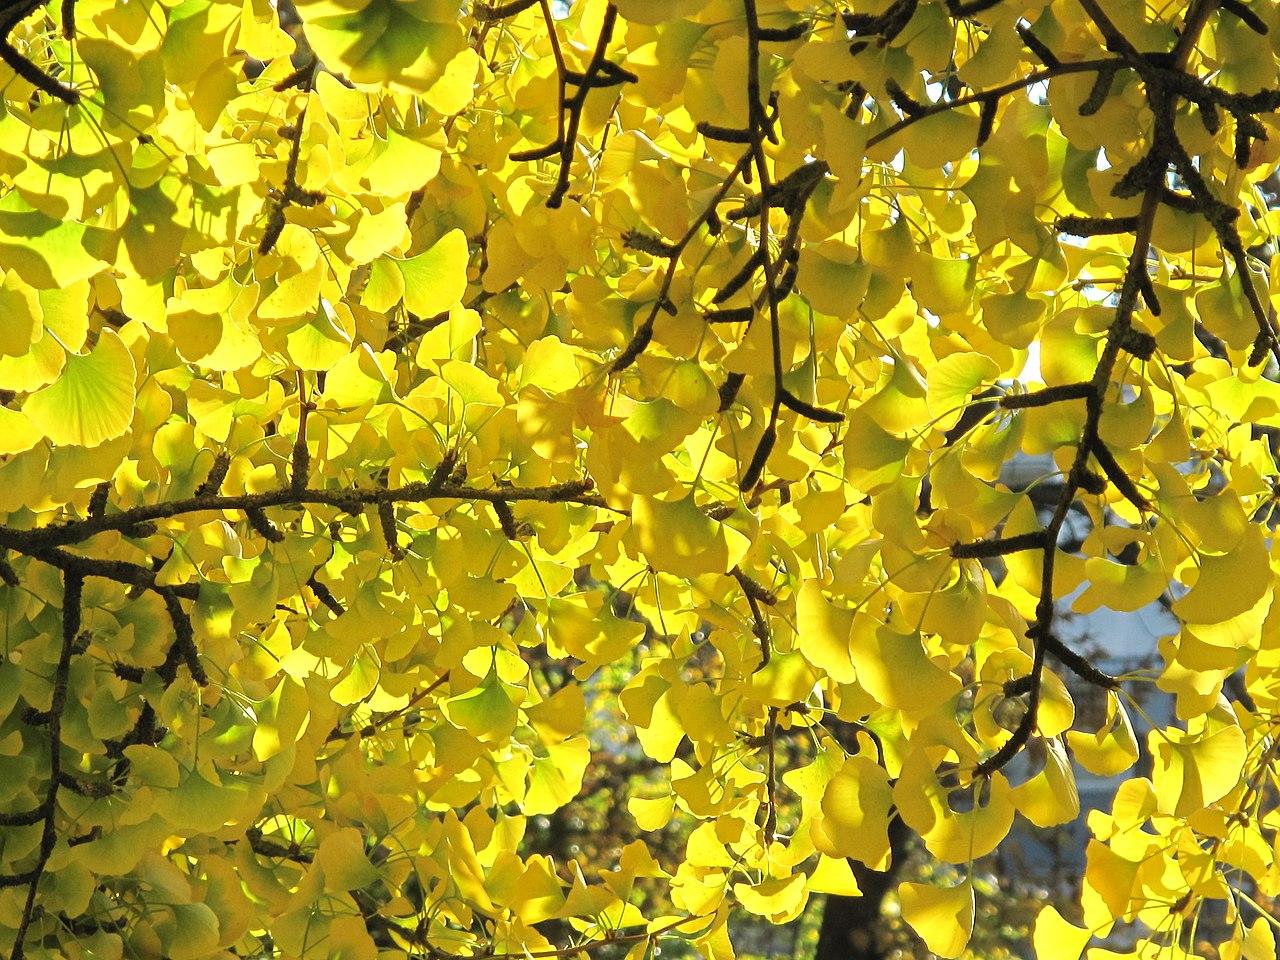 Hojas y ramas de Ginkgo biloba, en el parque Aulnay, Vaires-sur-Marne (Francia). /Imagen: Wikipedia.